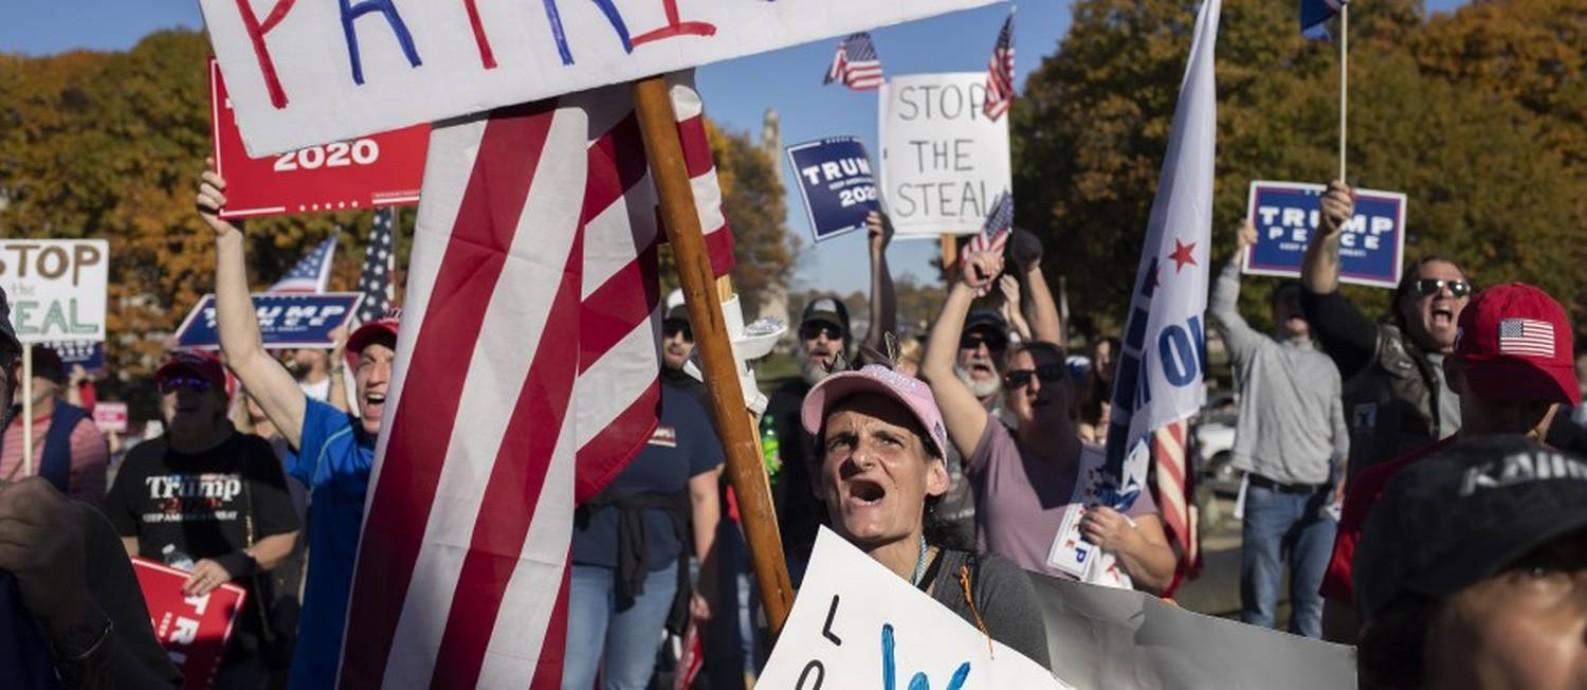 Apoiadores de Trump se manifestam do lado de fora da Assembleia da Pensilvânia, onde Biden venceu. Mentiras sobre derrota manterão base mobilizada Foto: VICTOR J. BLUE / NYT